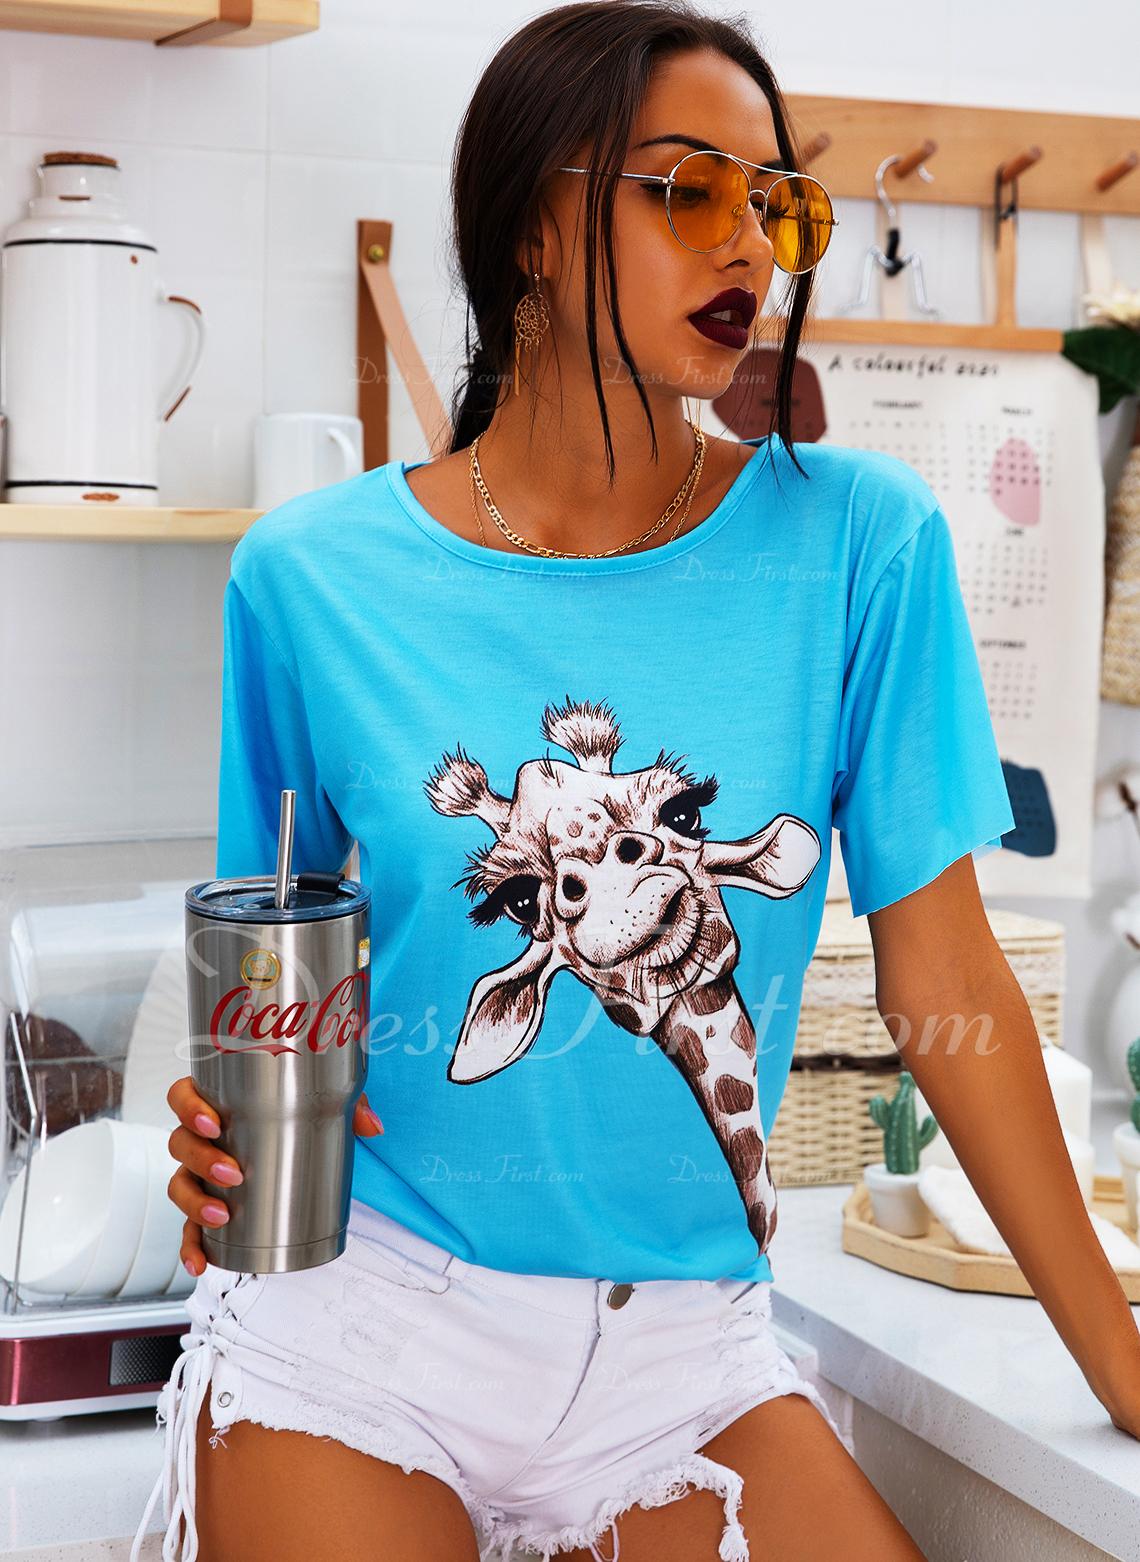 Animale Stampa Scollatura a V Maniche corte Casuale Reggiseno Tshirt